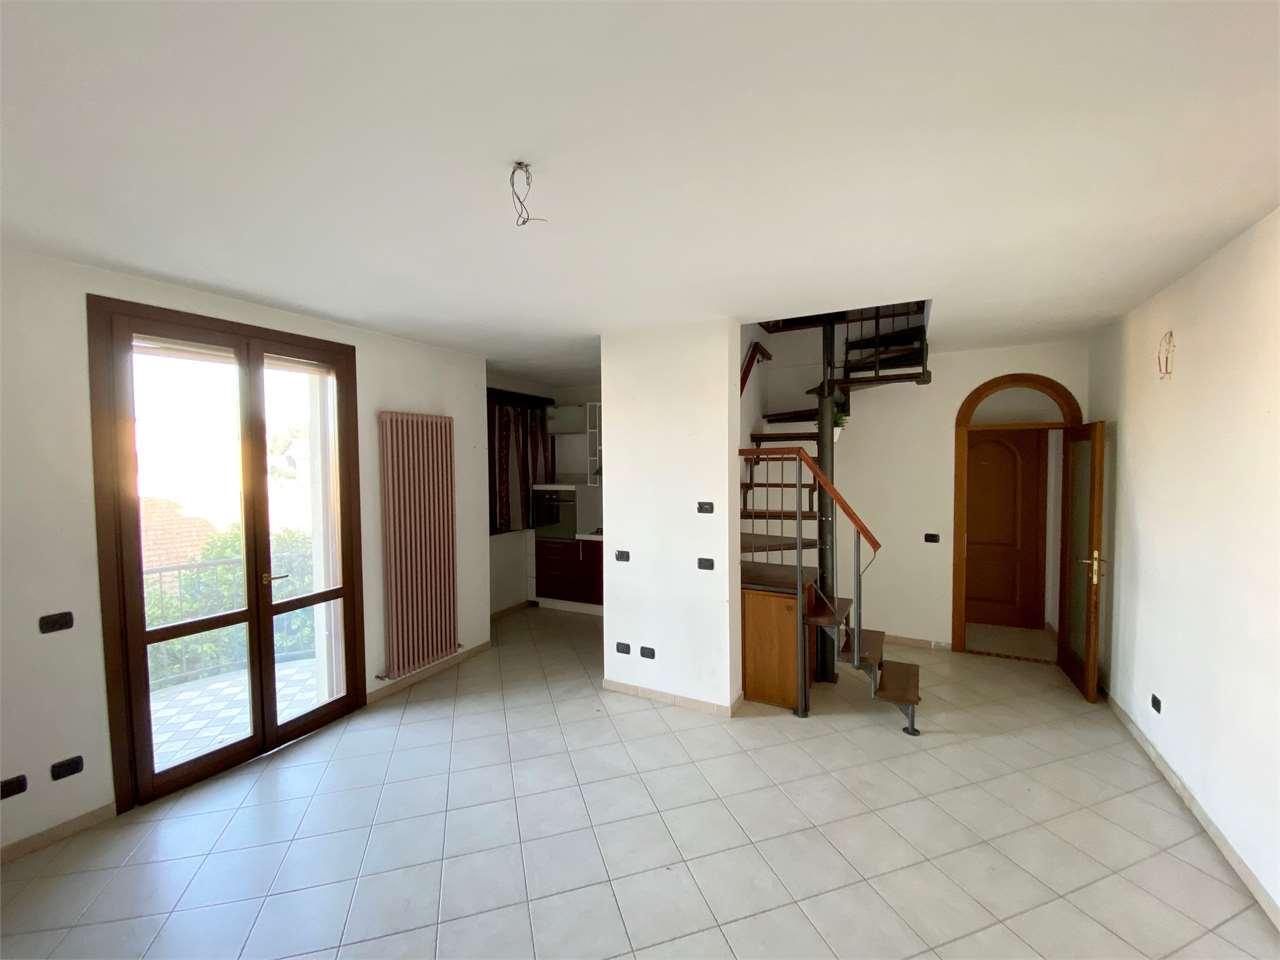 Appartamento in vendita a Campogalliano, 3 locali, prezzo € 113.000   CambioCasa.it